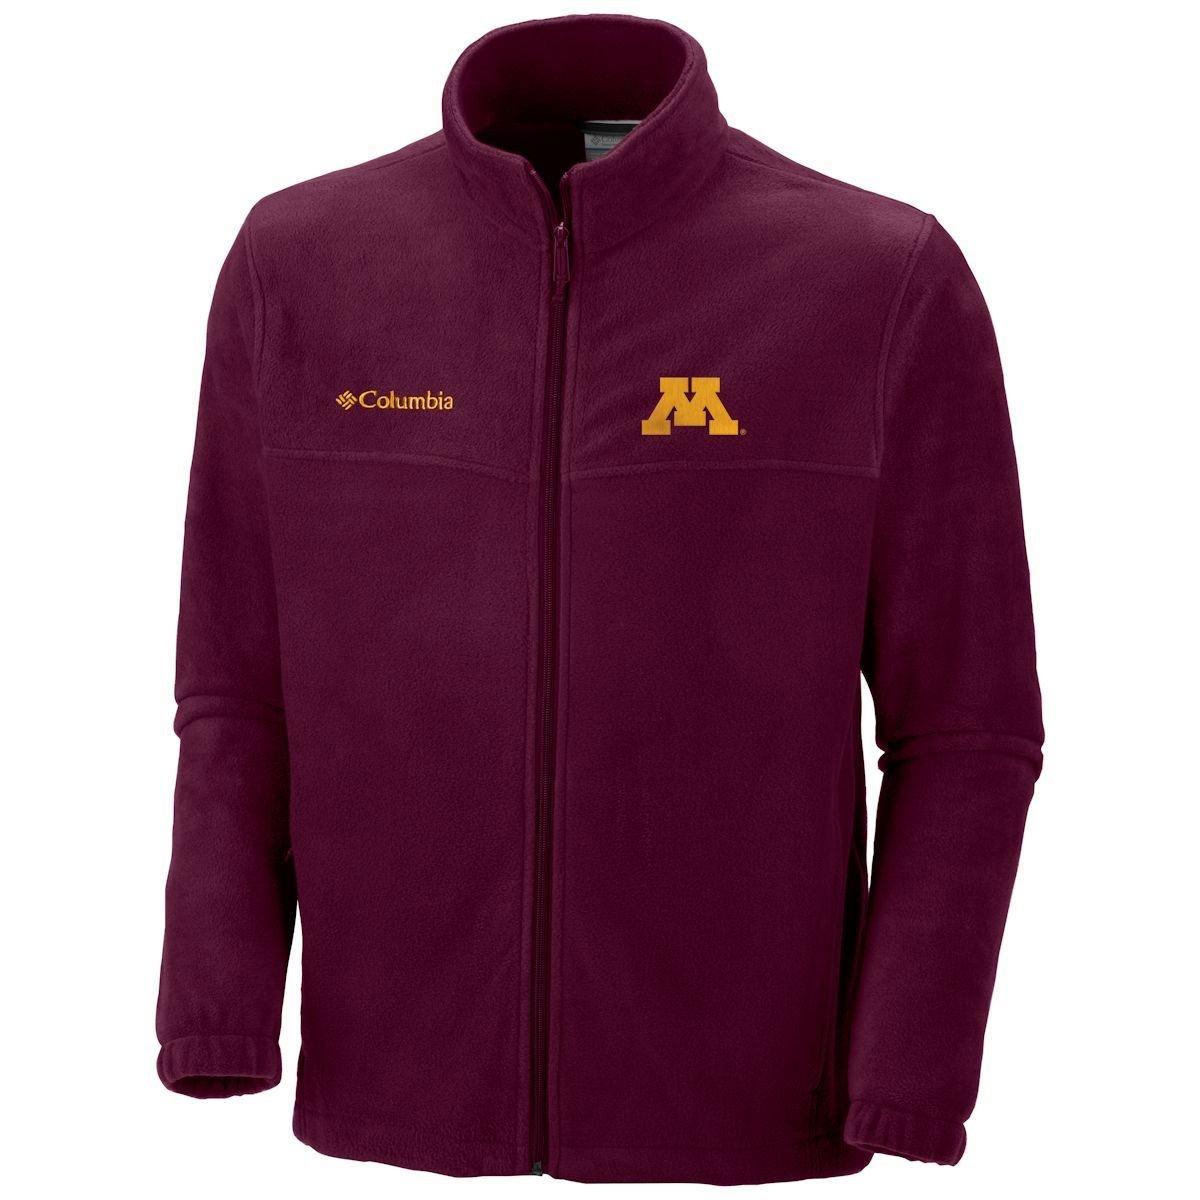 NCAA Michigan Wolverines Men's Collegiate Flanker II Full Zip Fleece Sweater